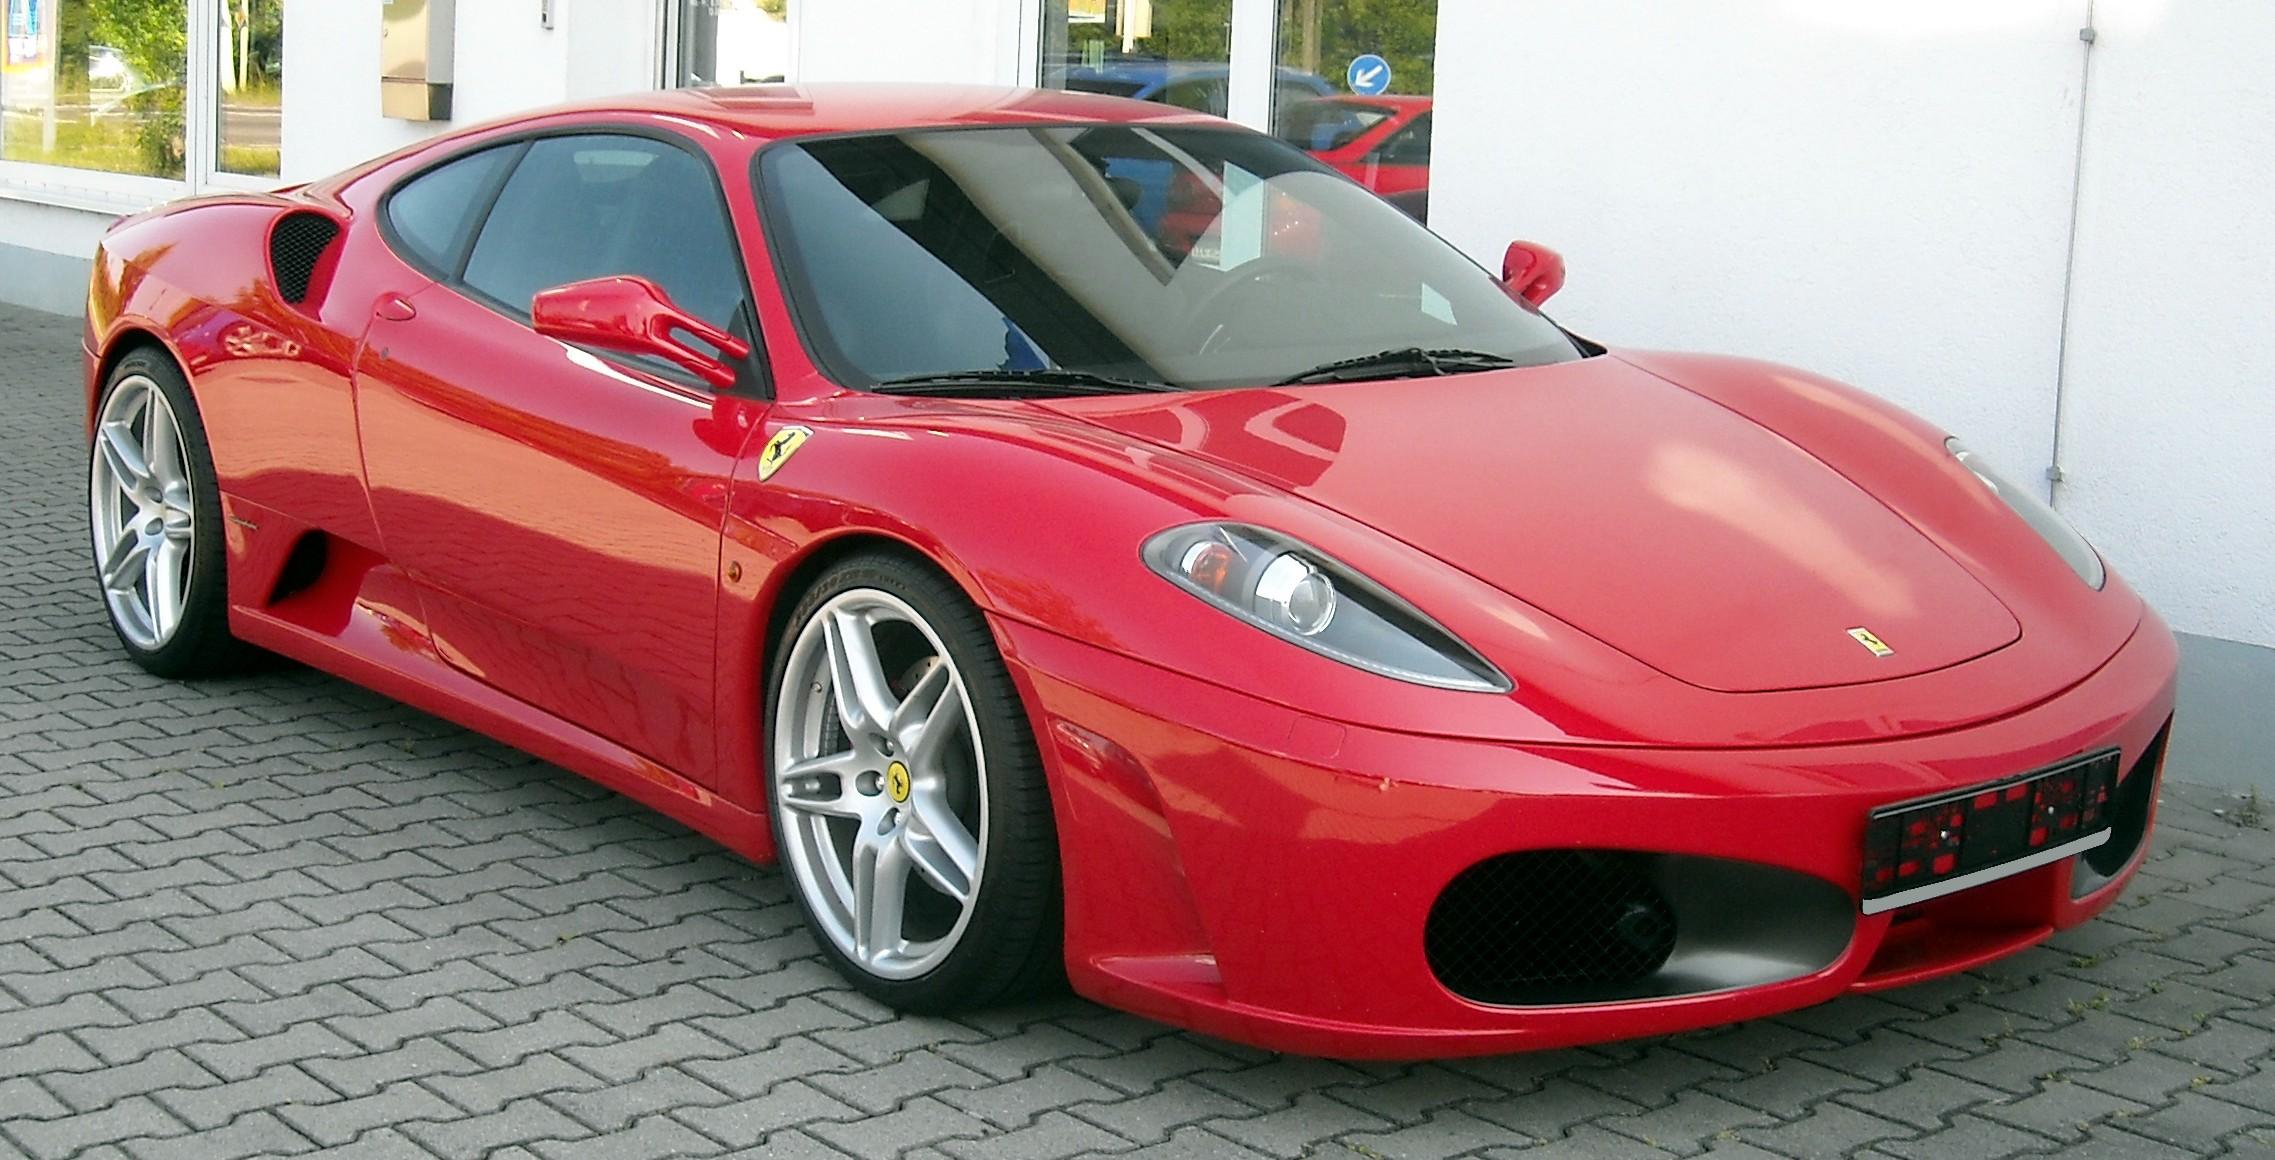 Ferrari F430 Wikipedia